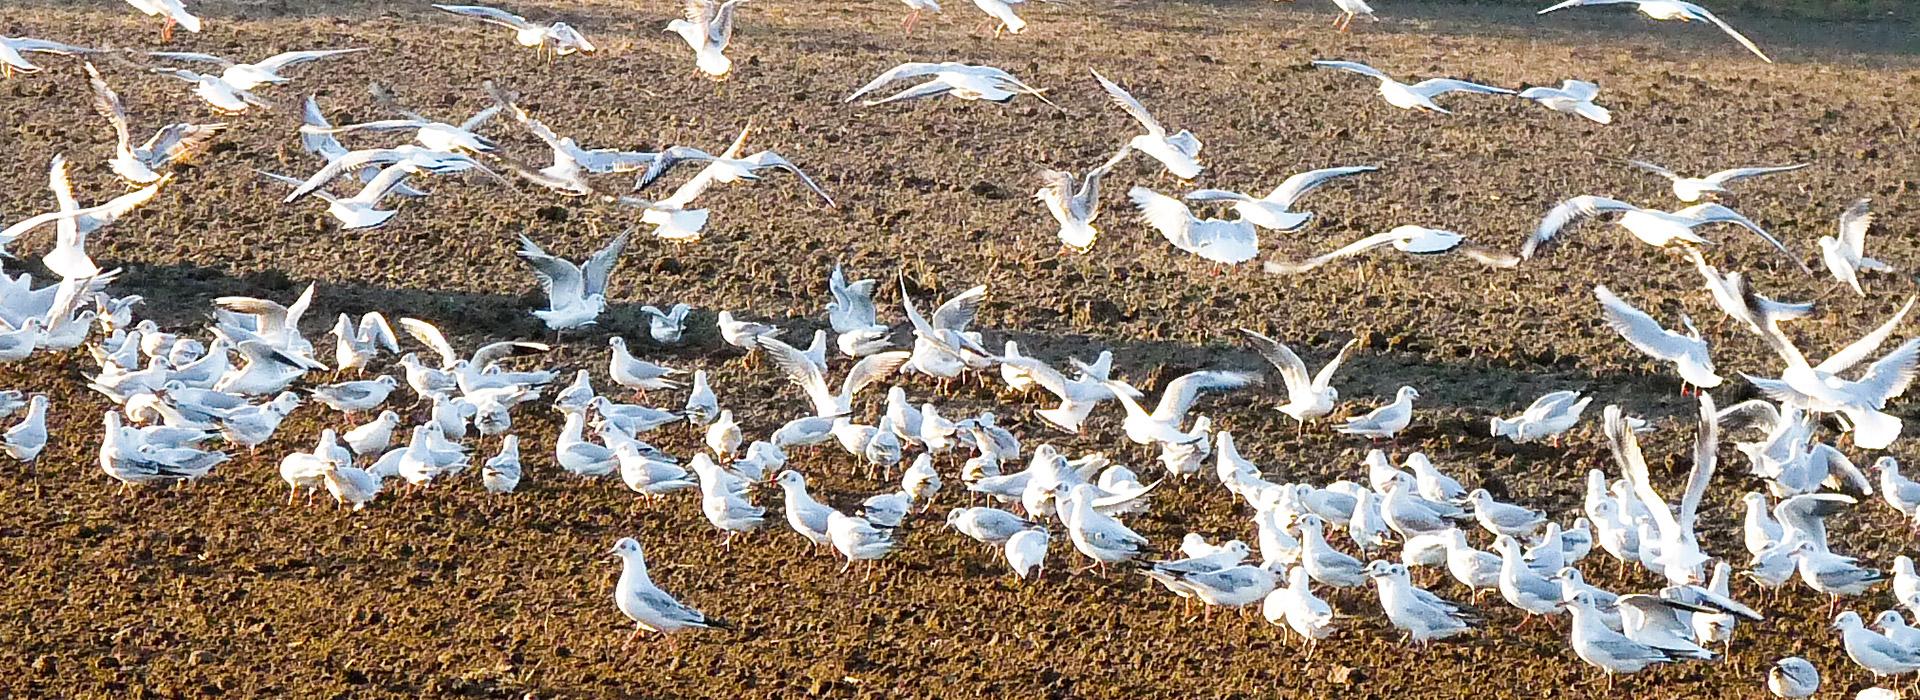 vogelschwarm-am-strand-an-der-ostsee